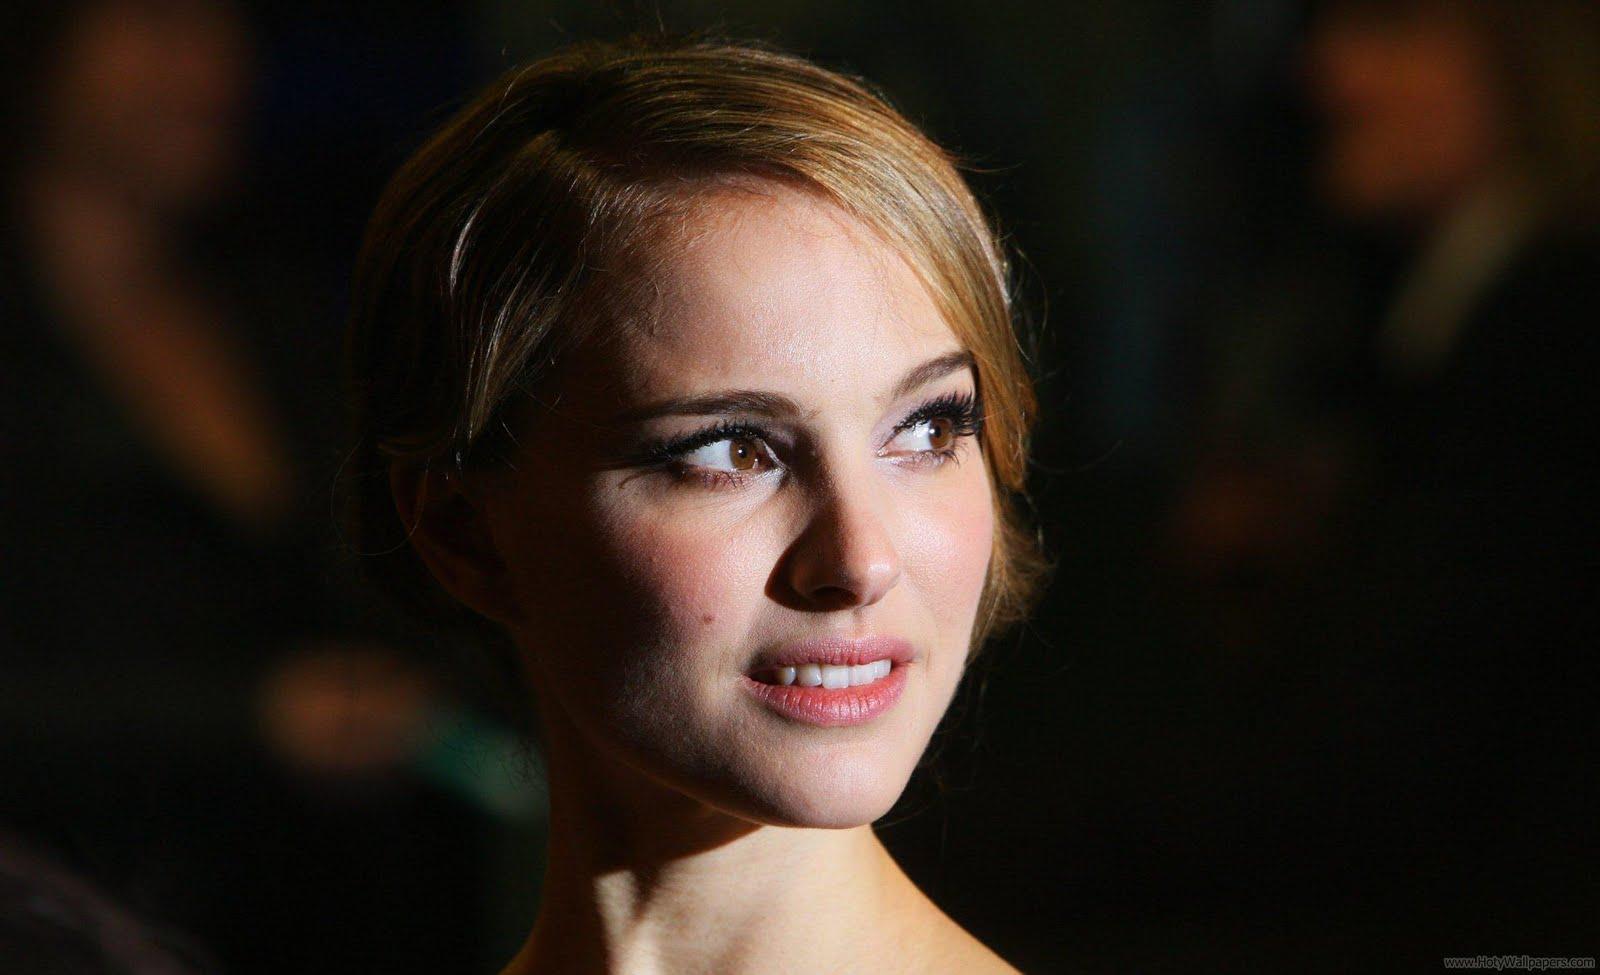 Wallpaper Natalie Portman Hd 4k Celebrities 8565: Natalie Portman Bio & Wallpapers